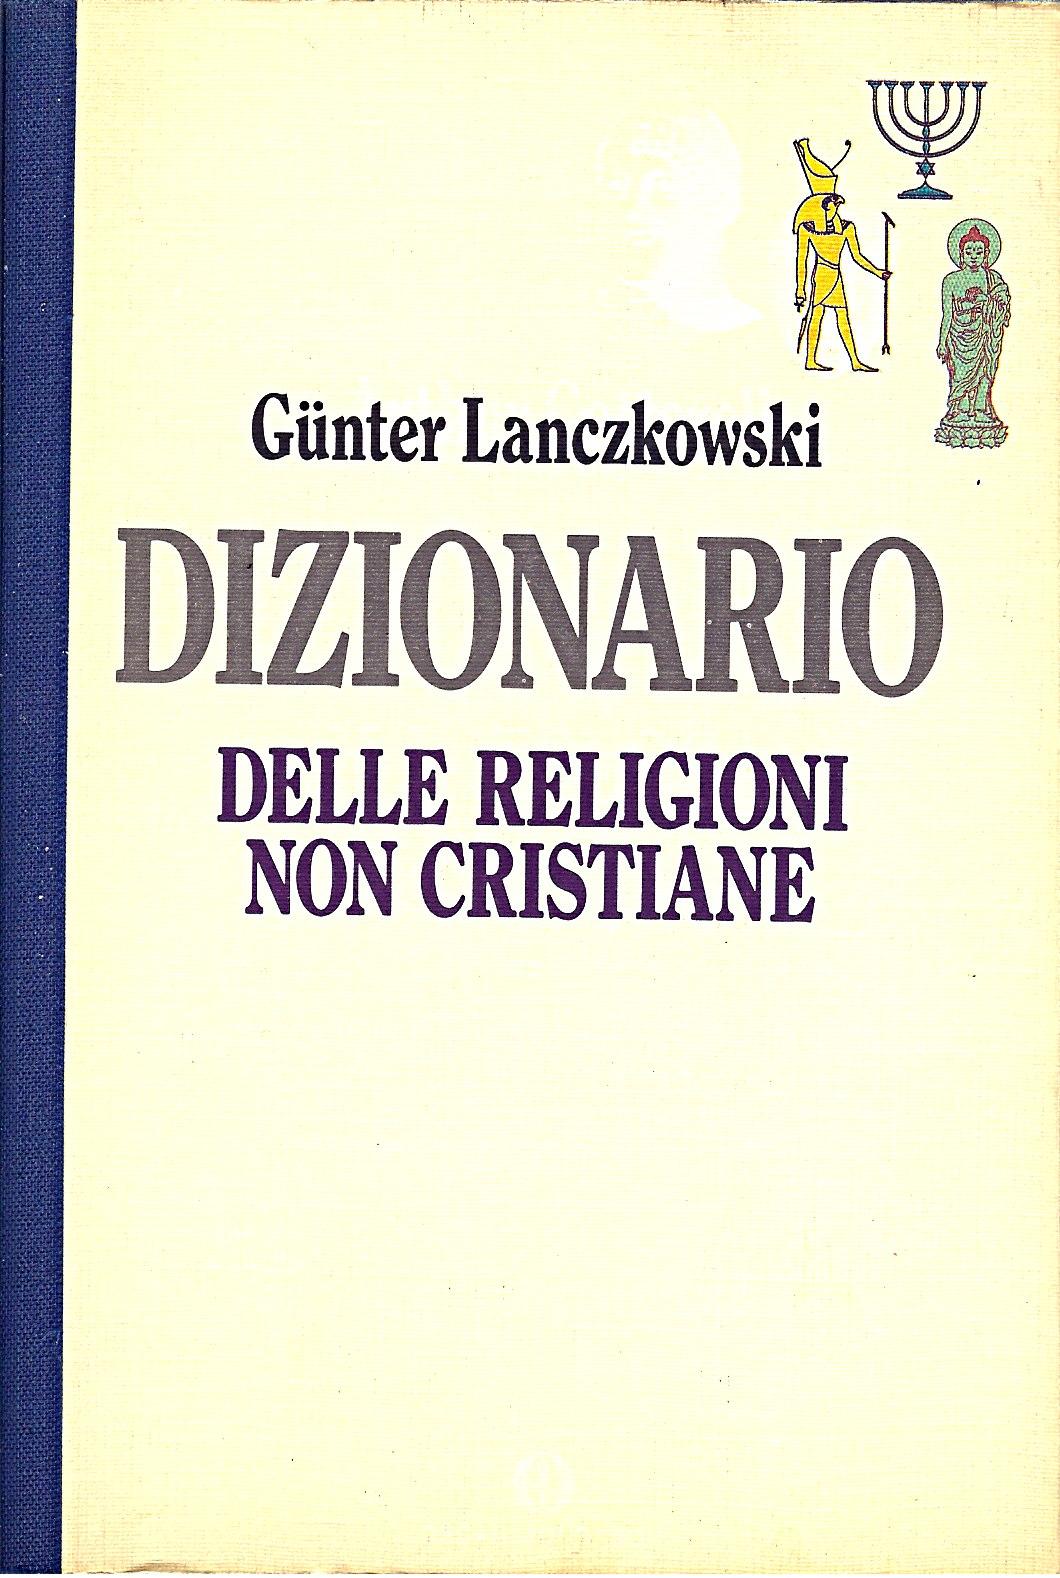 Dizionario delle religioni non cristiane